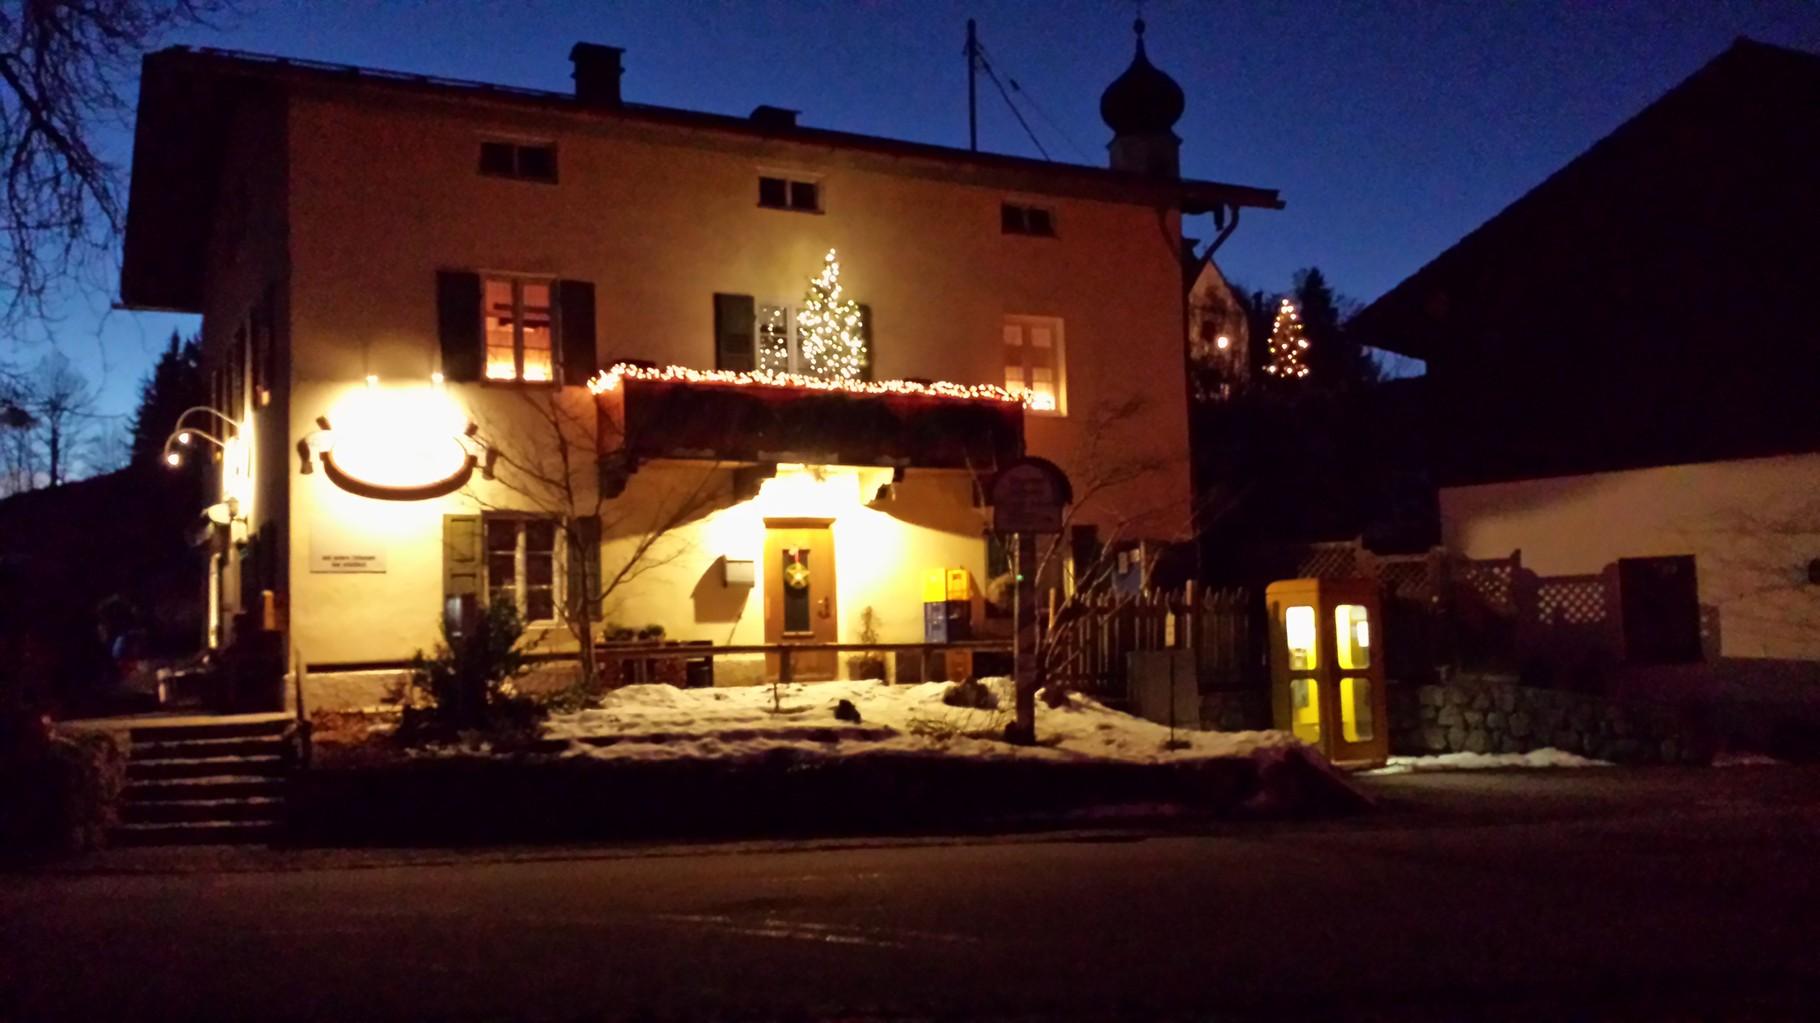 Weihnachten am Dorfladen